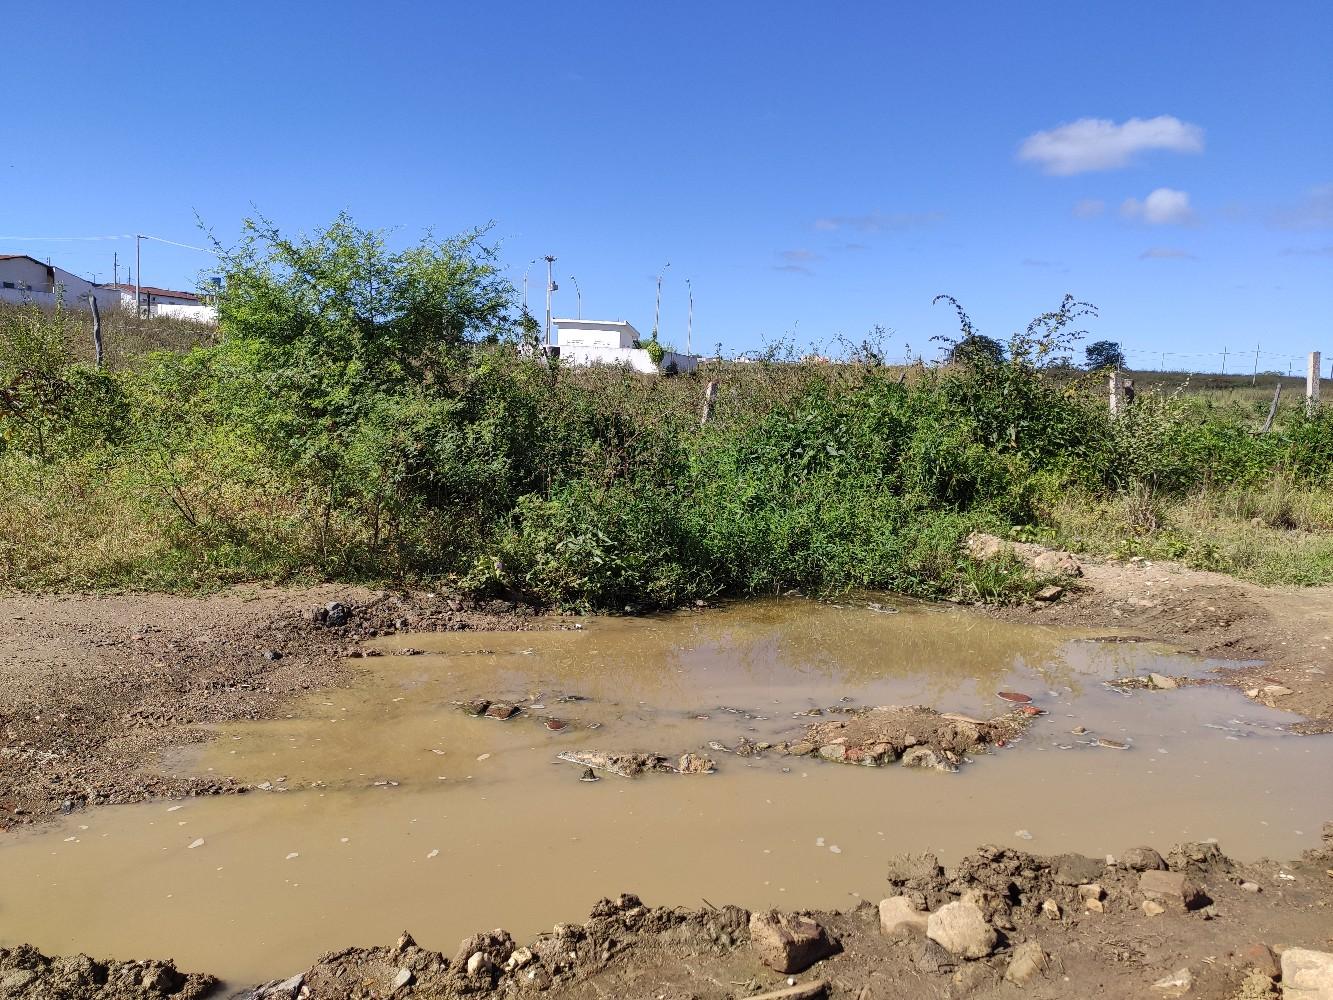 1_IMG_20200723_085504 Moradores de Monteiro denunciam esgoto despejado nos rios Paraíba e São Francisco.